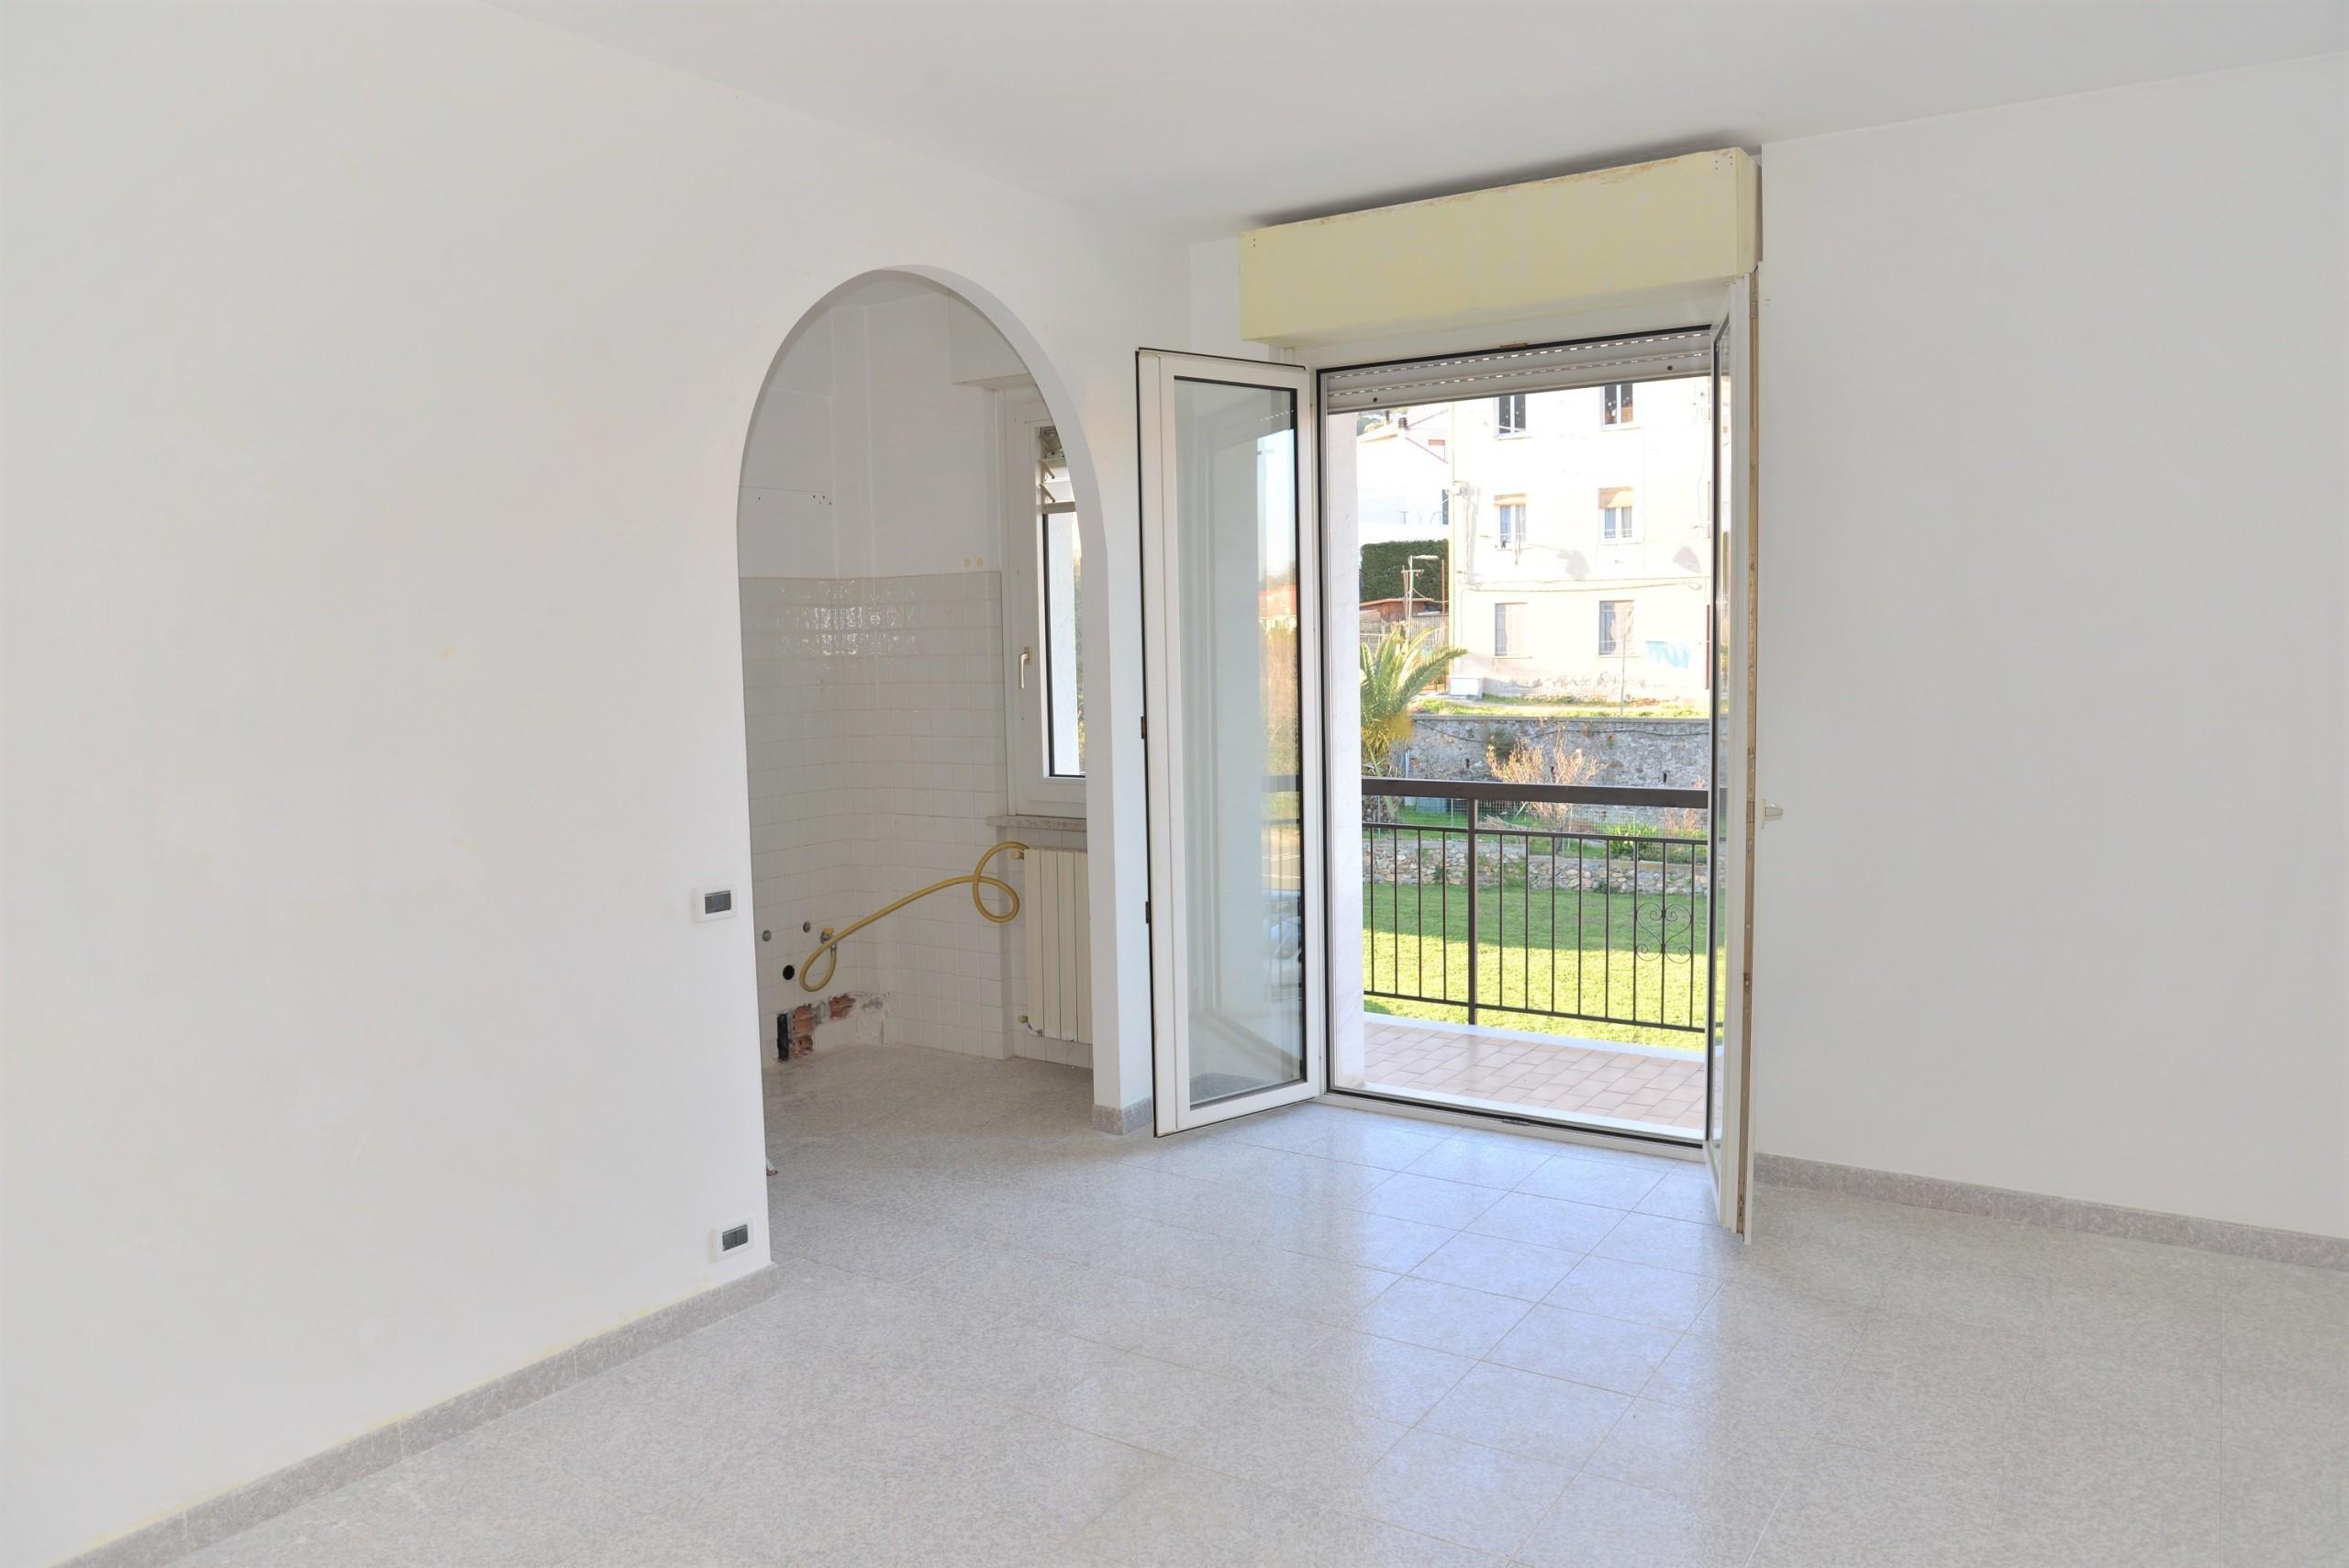 Appartamento - Valle Di Vado, Vado Ligure